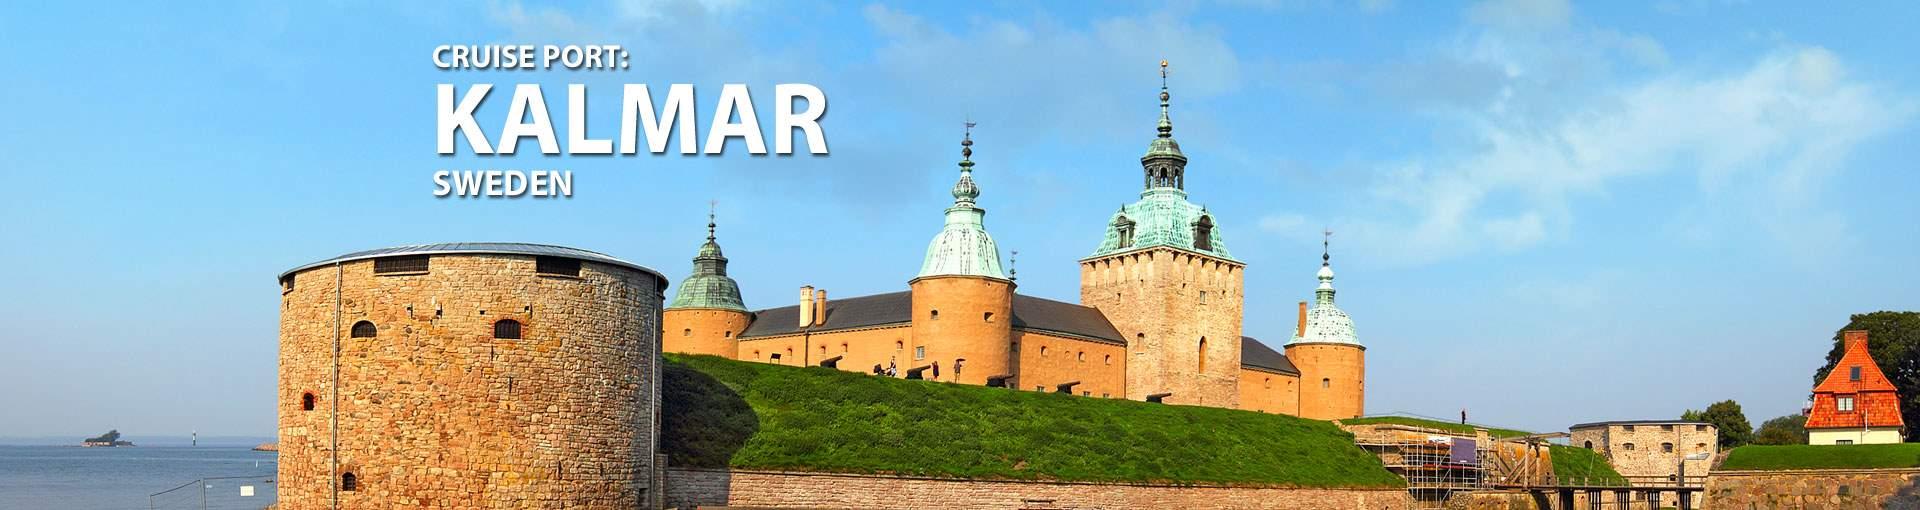 Cruises to Kalmar, Sweden